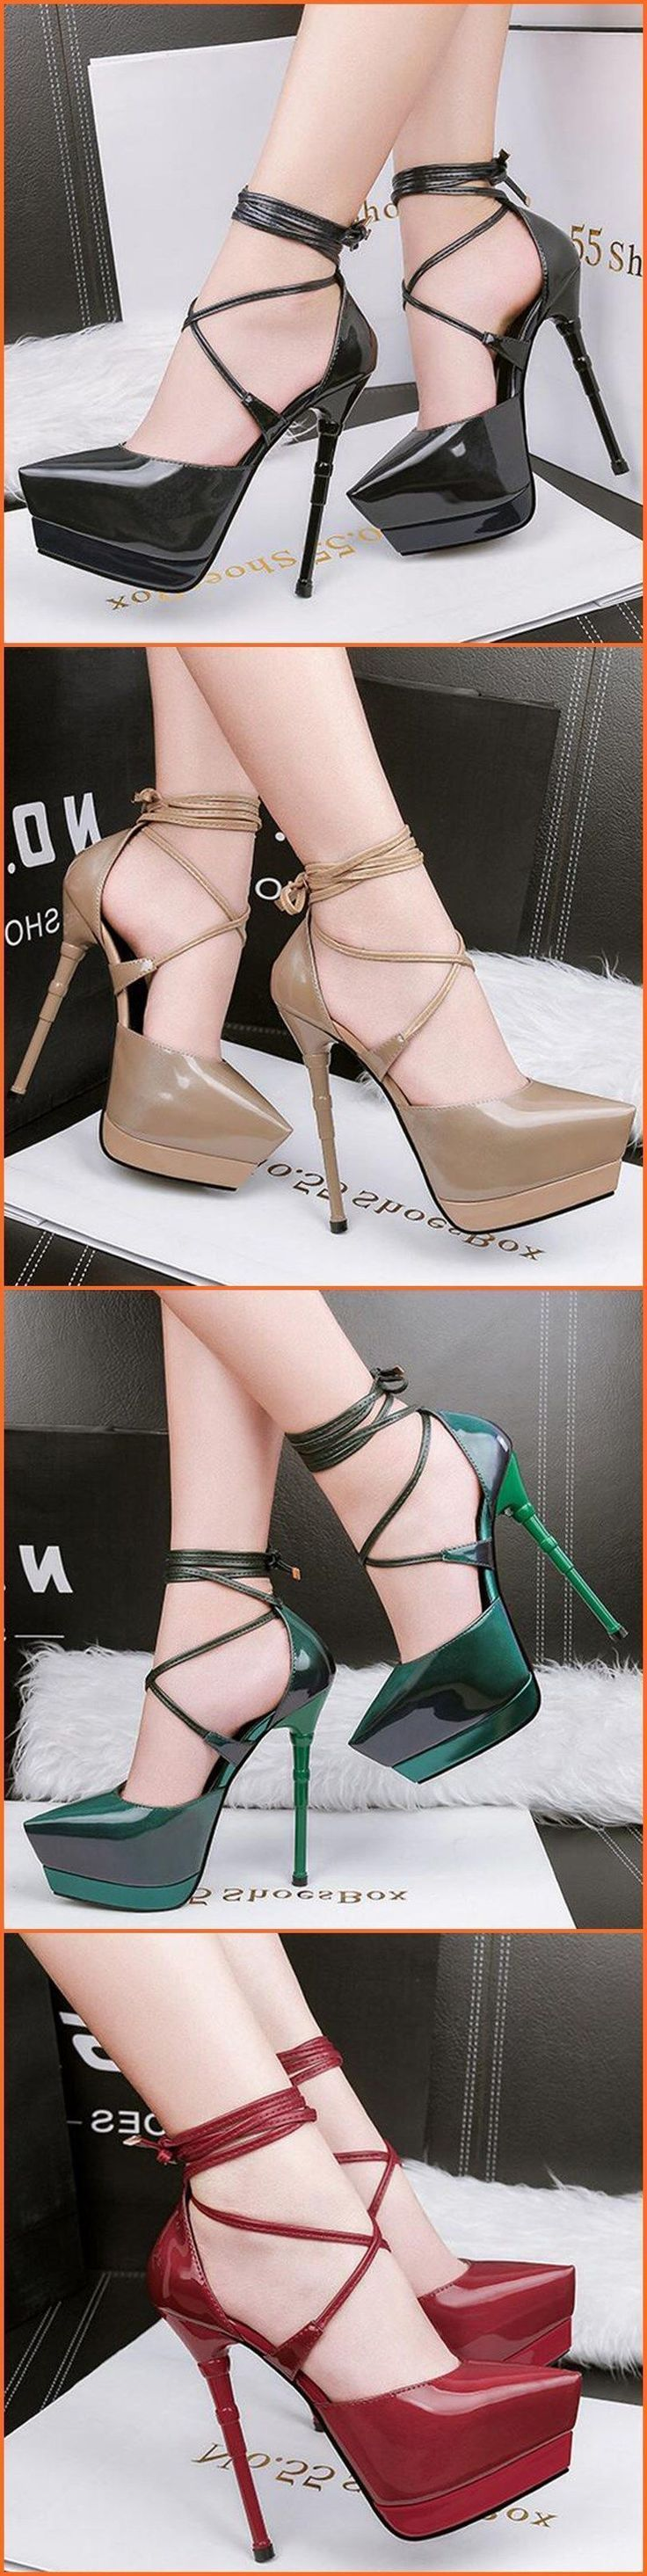 Pointed Toe Banquet Lace-Up Platform Heel #platformhighheelssandals #stilettoheelspointed #stilettoheelssandals